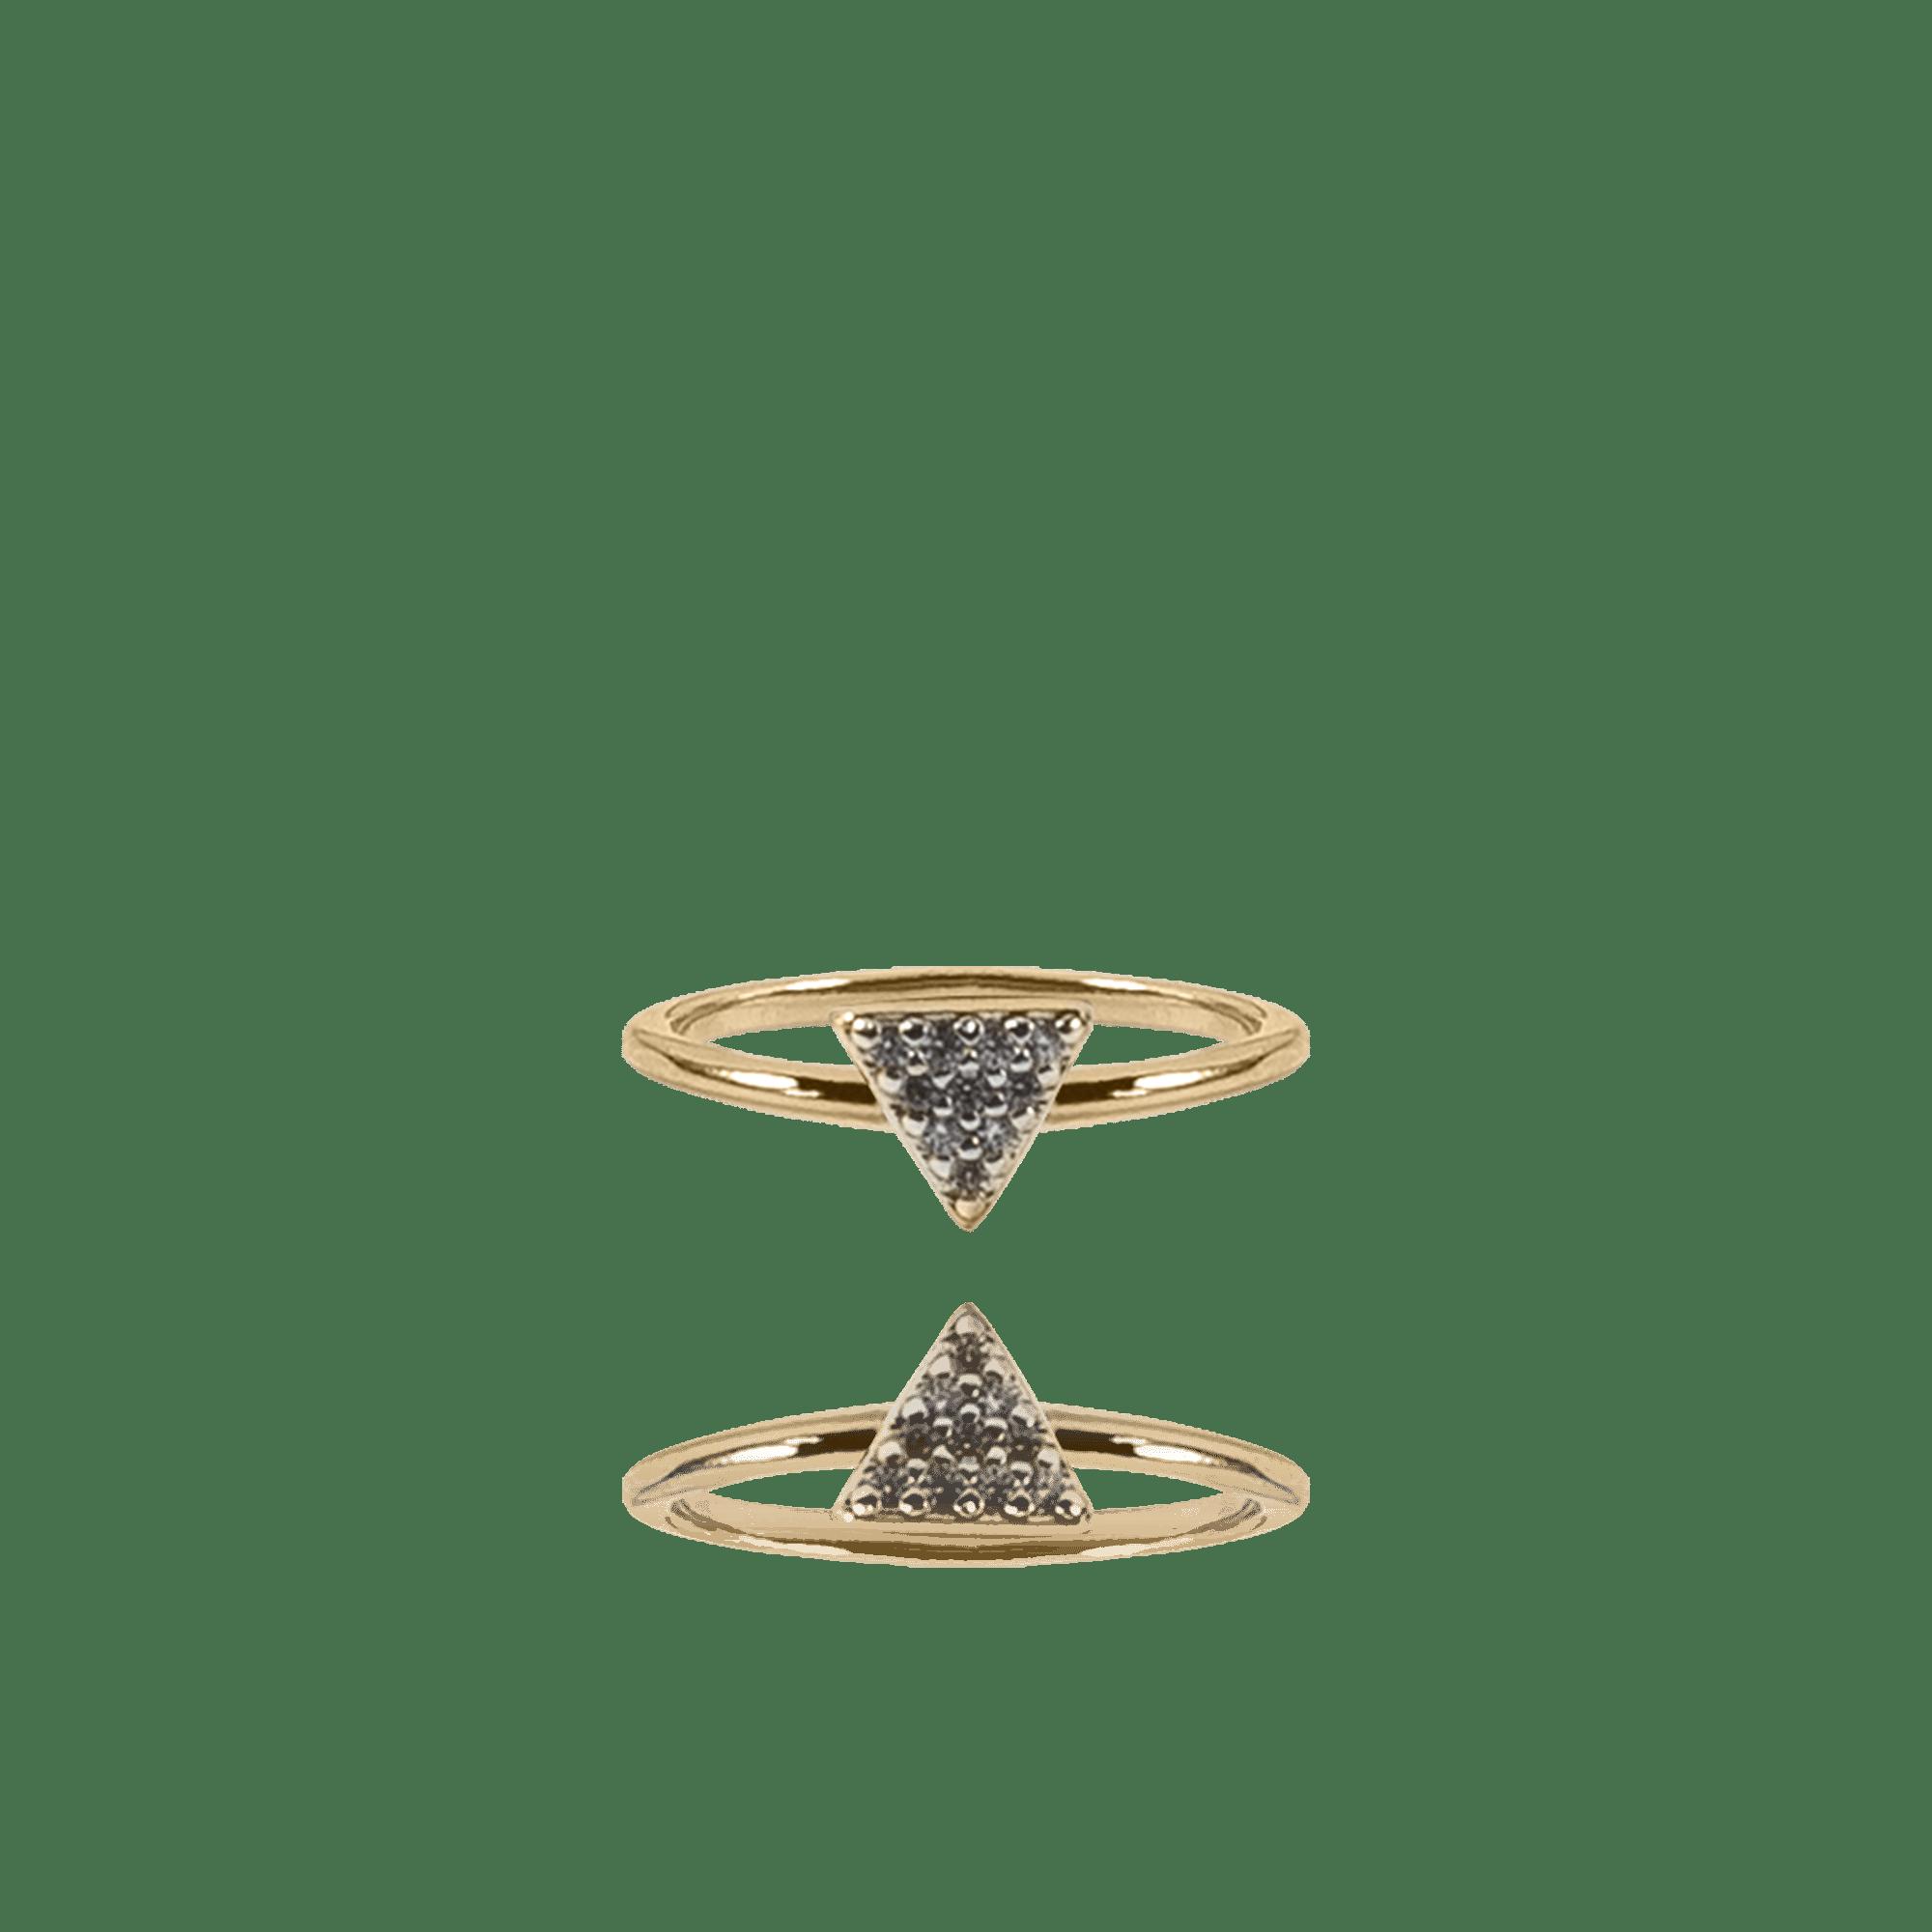 Anel Dourado Slim Piramide com Zircônias